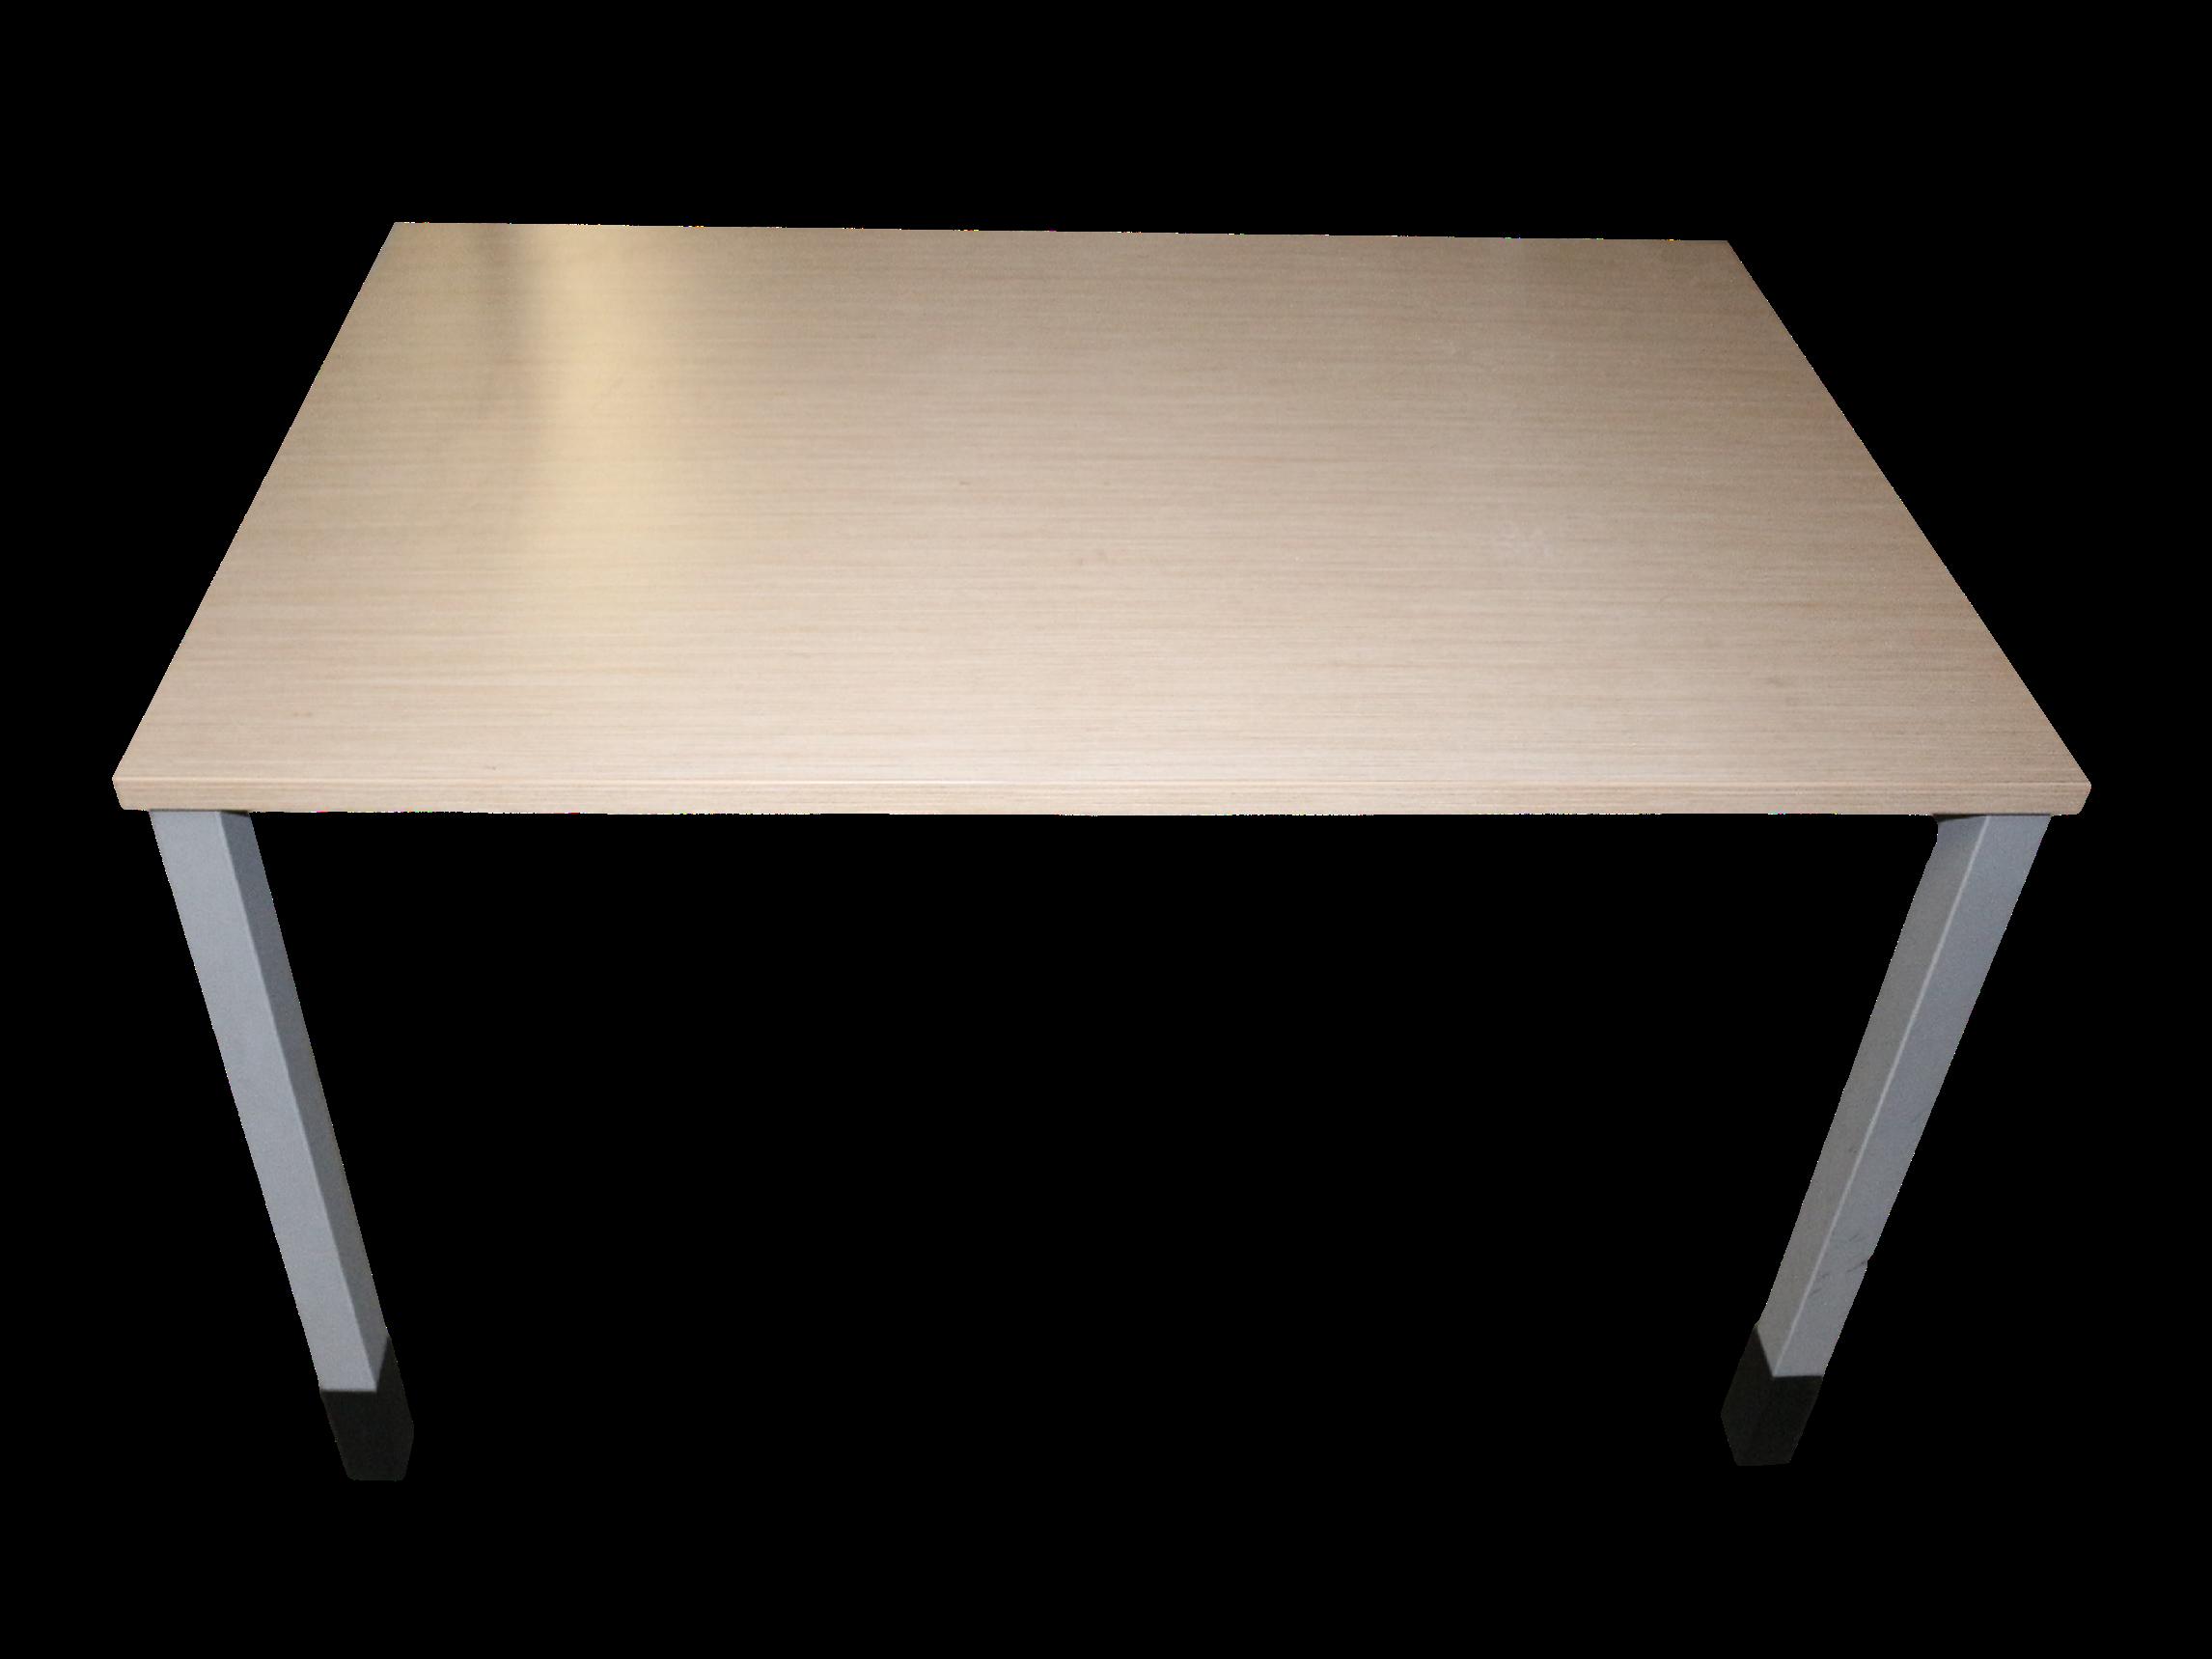 bureau steelcase occasion adopte un bureau. Black Bedroom Furniture Sets. Home Design Ideas